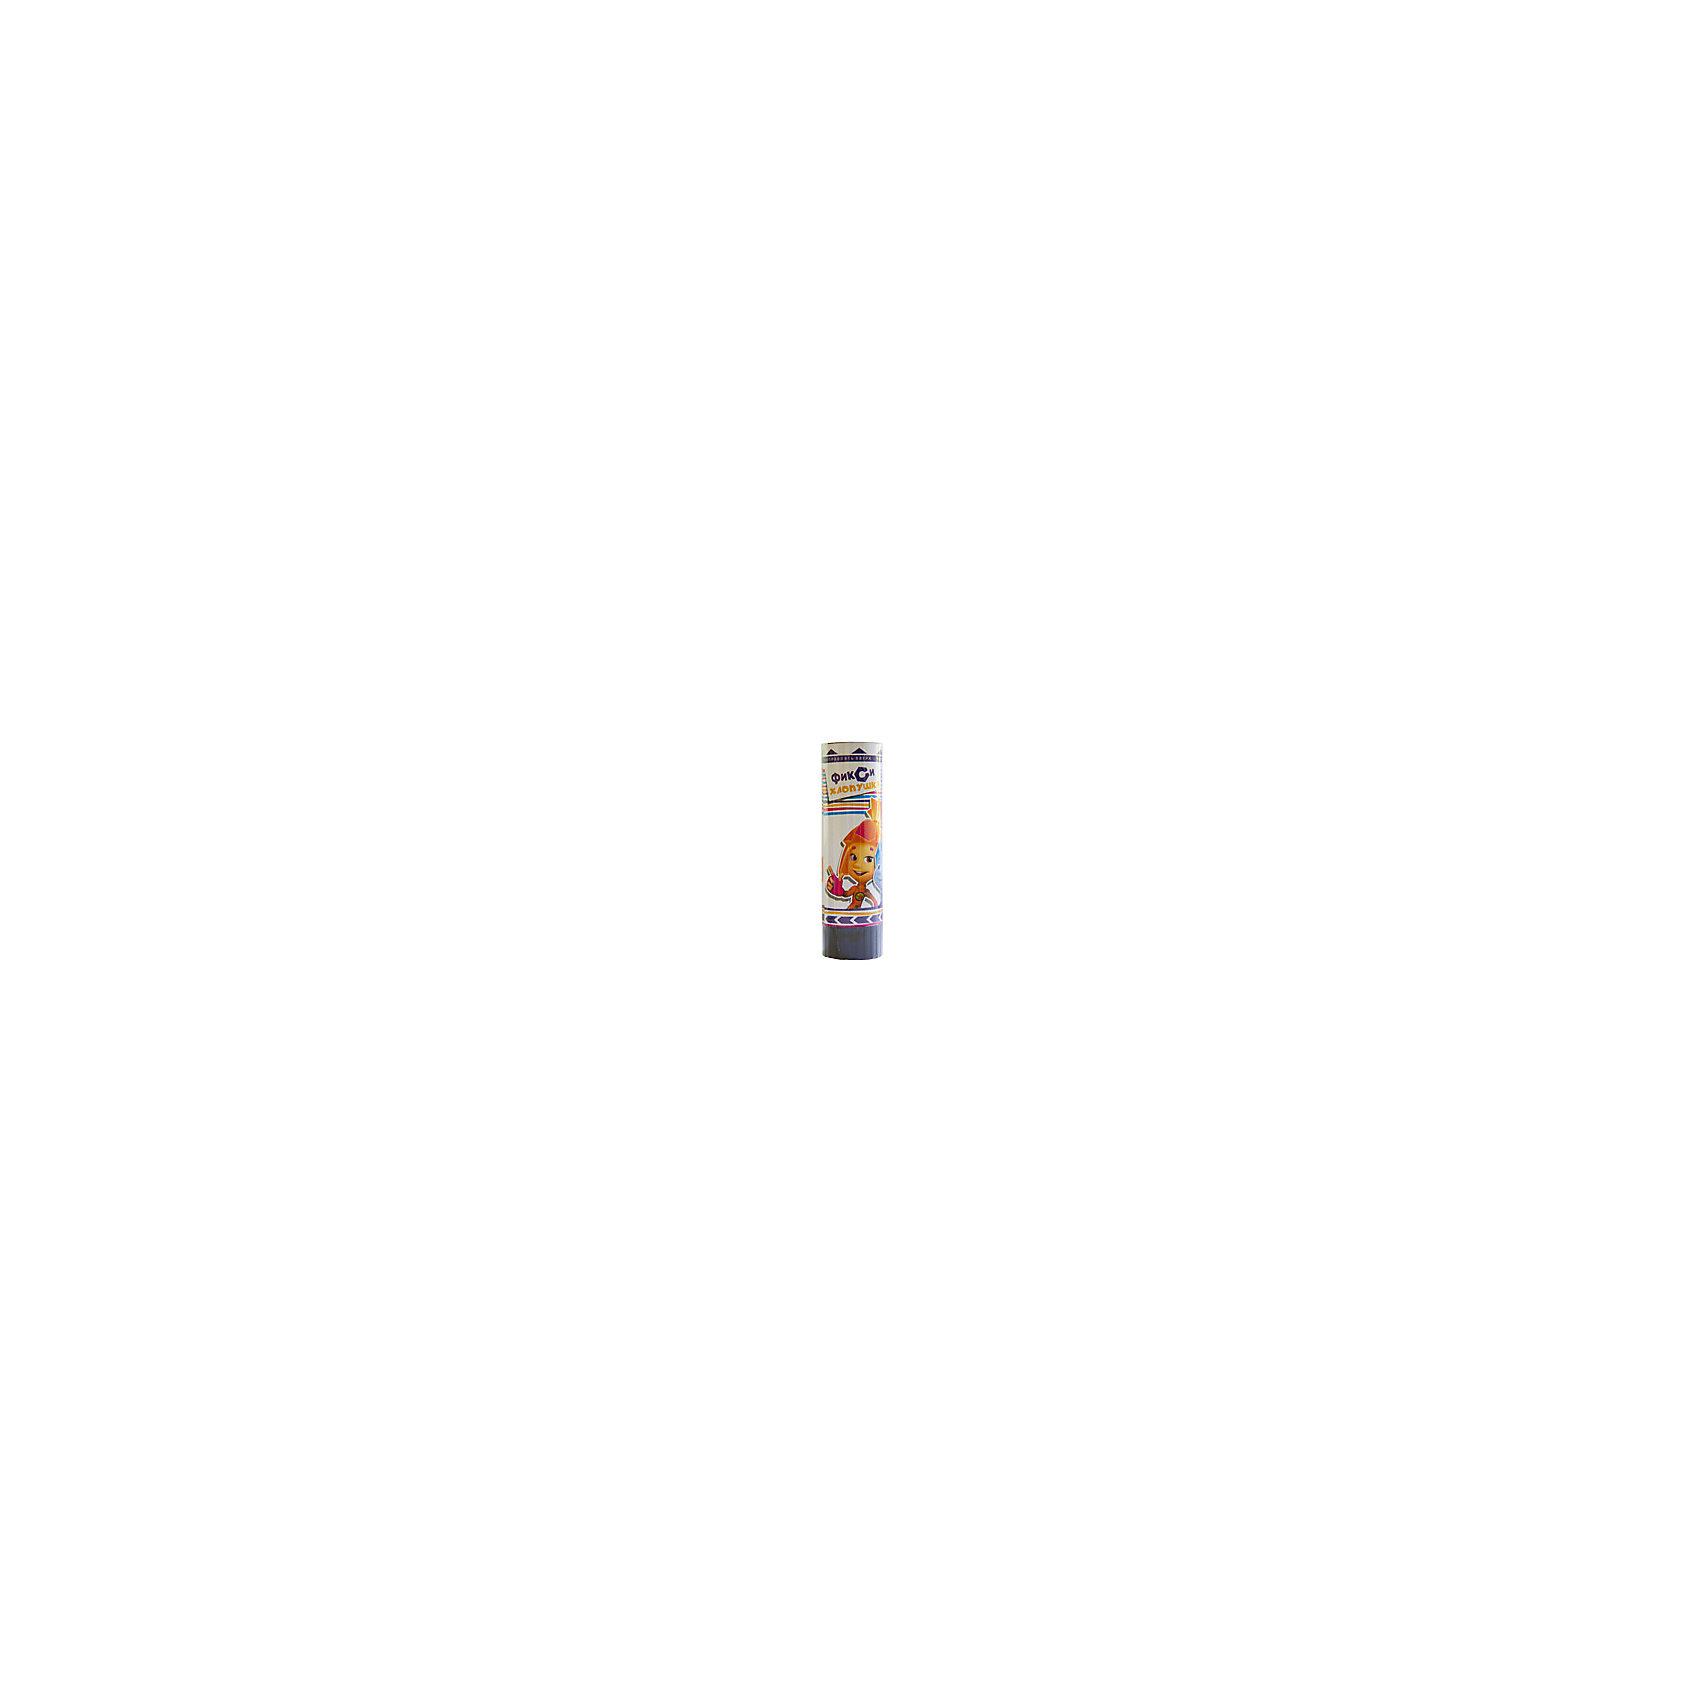 Хлопушка Фиксики, пружинная, 16 см., Веселая ЗатеяВсё для праздника<br>Хлопушка Фиксики, пружинная, 16 см., Веселая Затея<br><br>Характеристики: <br><br>• Размер: 16 см<br>• Дальность выстрела: 2-3 метра<br>• Без использования огня<br><br>Эта хлопушка идеально подойдет для детского праздника – она безопасна (для ее активации не нужно использовать огонь) и имеет яркие картинки с изображениями любимых детьми персонажей. Она придаст праздничному дню разнообразие, порадует и удивит ваших детей. <br><br>Хлопушка Фиксики, пружинная, 16 см., Веселая Затея можно купить в нашем интернет-магазине.<br><br>Ширина мм: 275<br>Глубина мм: 160<br>Высота мм: 190<br>Вес г: 80<br>Возраст от месяцев: 60<br>Возраст до месяцев: 2147483647<br>Пол: Унисекс<br>Возраст: Детский<br>SKU: 5445461